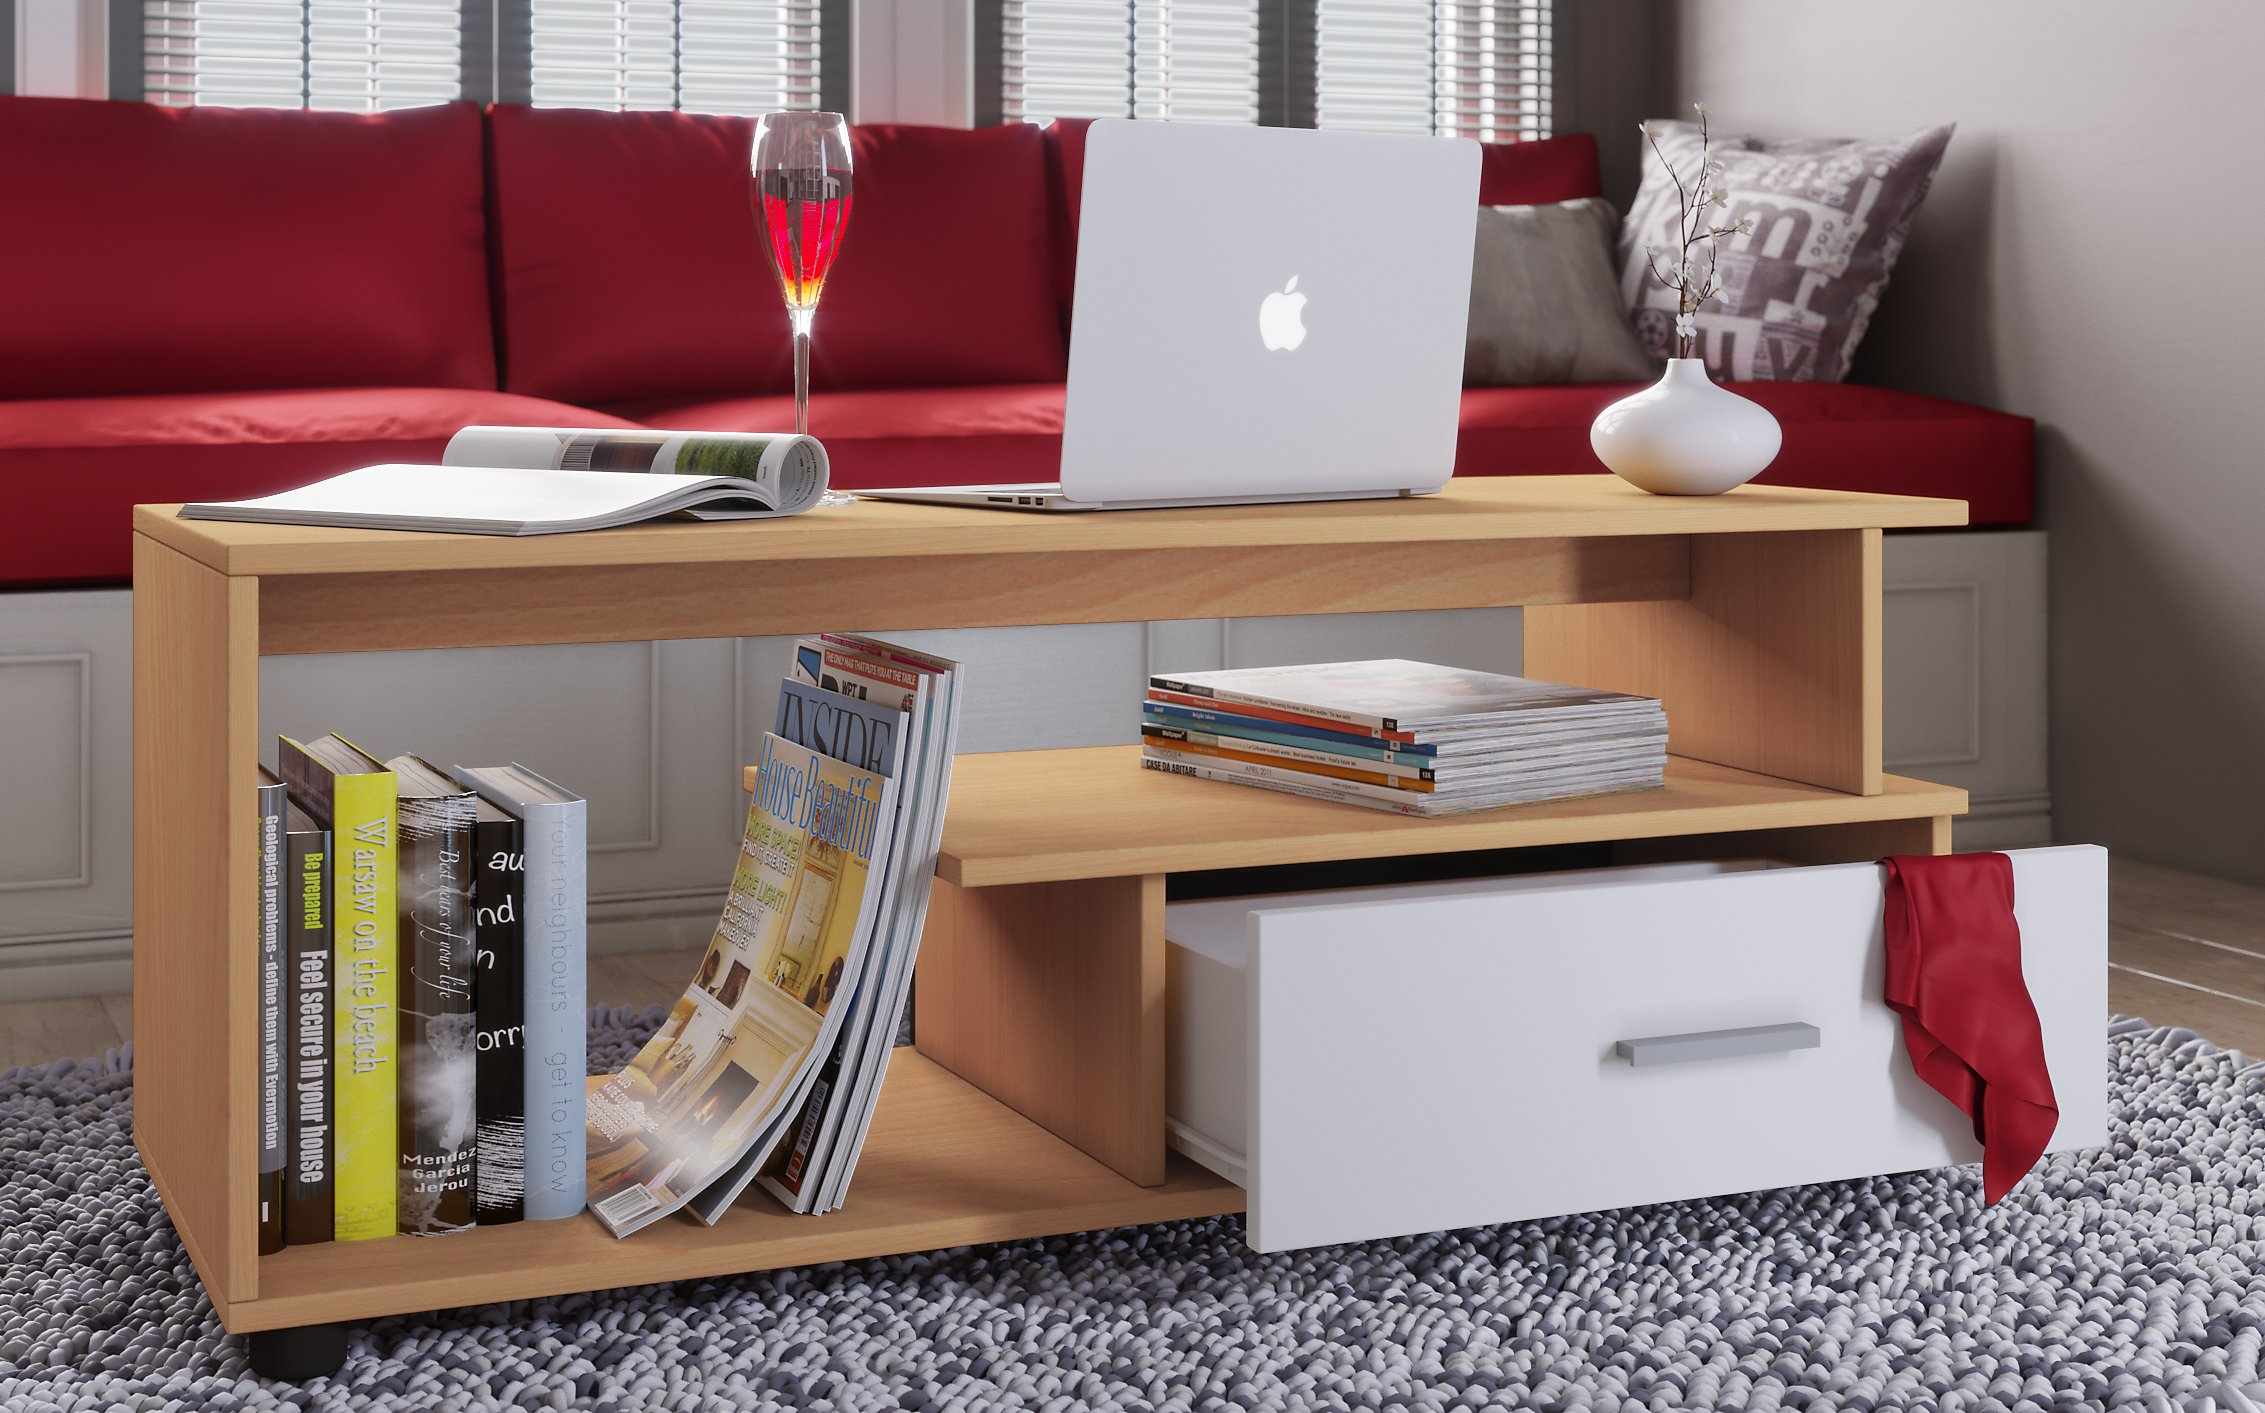 Vcm Couchtisch Sofatisch Wohnzimmertisch Schublade Wohnzimmer Tisch